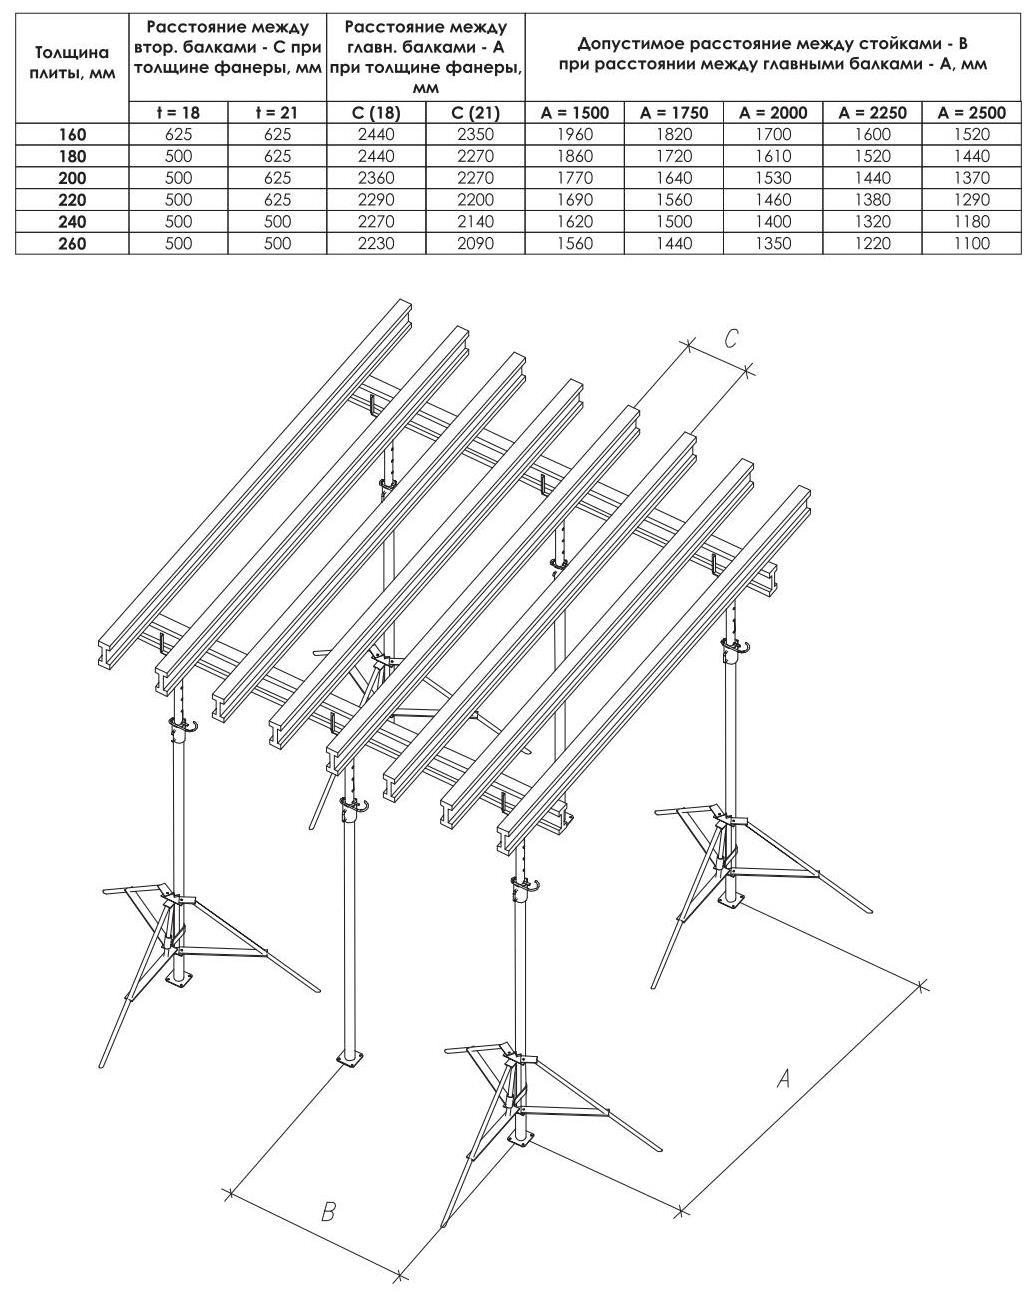 Схема расстановки телескопических стоек и раскладки деревянных балок опалубки перекрытий